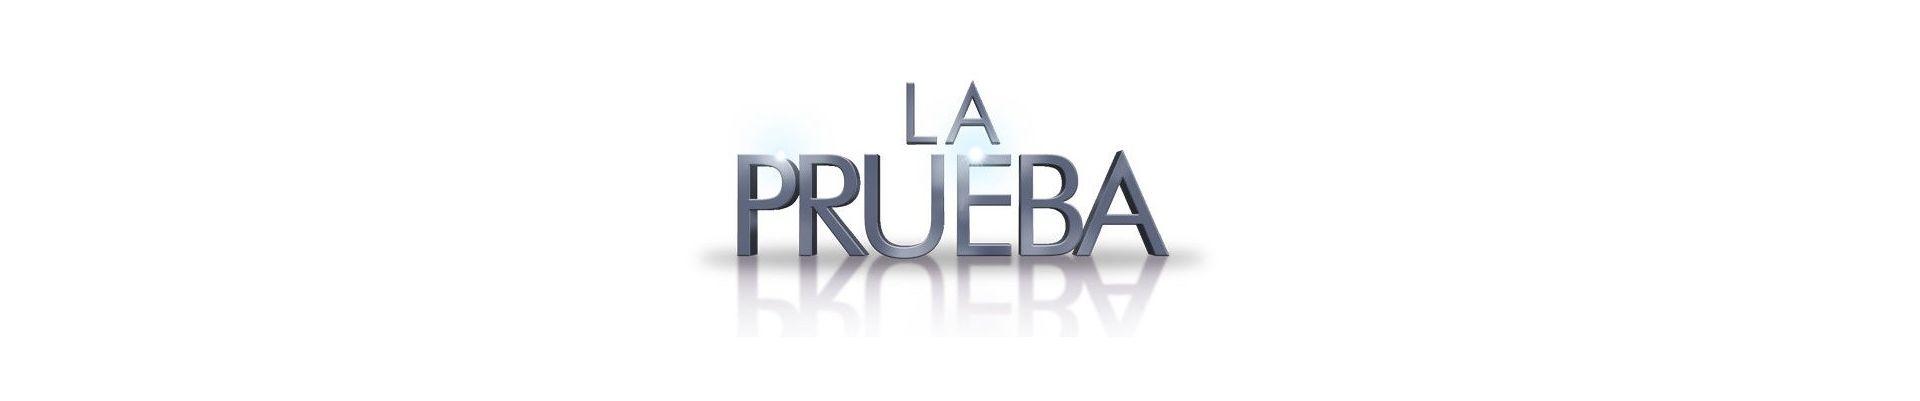 Trabucuri mexicane La Prueba de vanzare cu livrare.Pret trabucuri